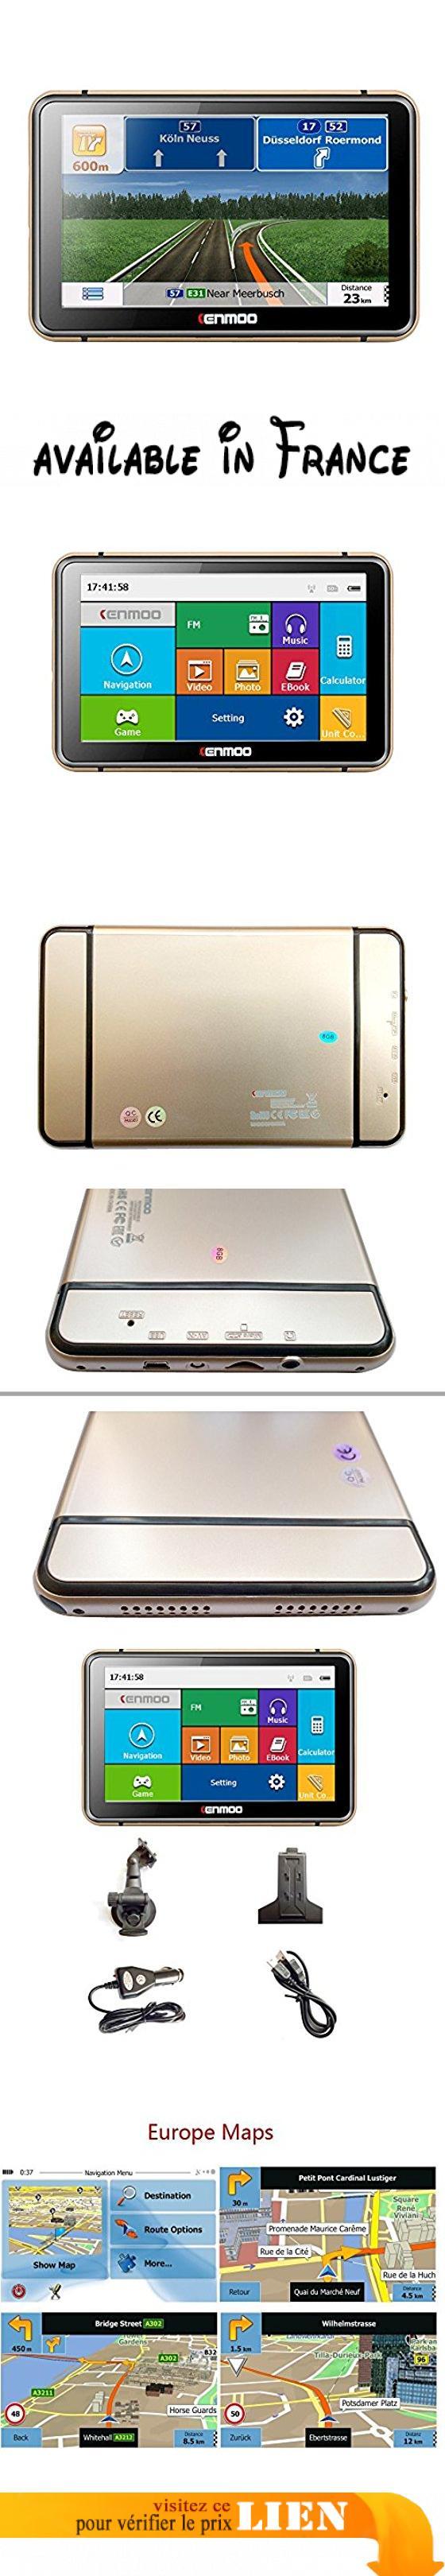 Kenmoo 17,8cm 8Go LCD TFT écran tactile GPS de voiture Navigation GPS pour voiture/camion britannique Cartes Europe. Ajoutez la carte du camion/camion, carte de visualisation 3d. 17,8cm TFT LCD résolution: 800rgb (H) x 480(V) Écran tactile SAT NAV rue préchargé avec des cartes de toute l'Union européenne. 8Go de mémoire intégrée, carte TF: un maximum de 32Go (TF carte n'est pas inclus). Affichage des cartes variable: choisissez de navigation